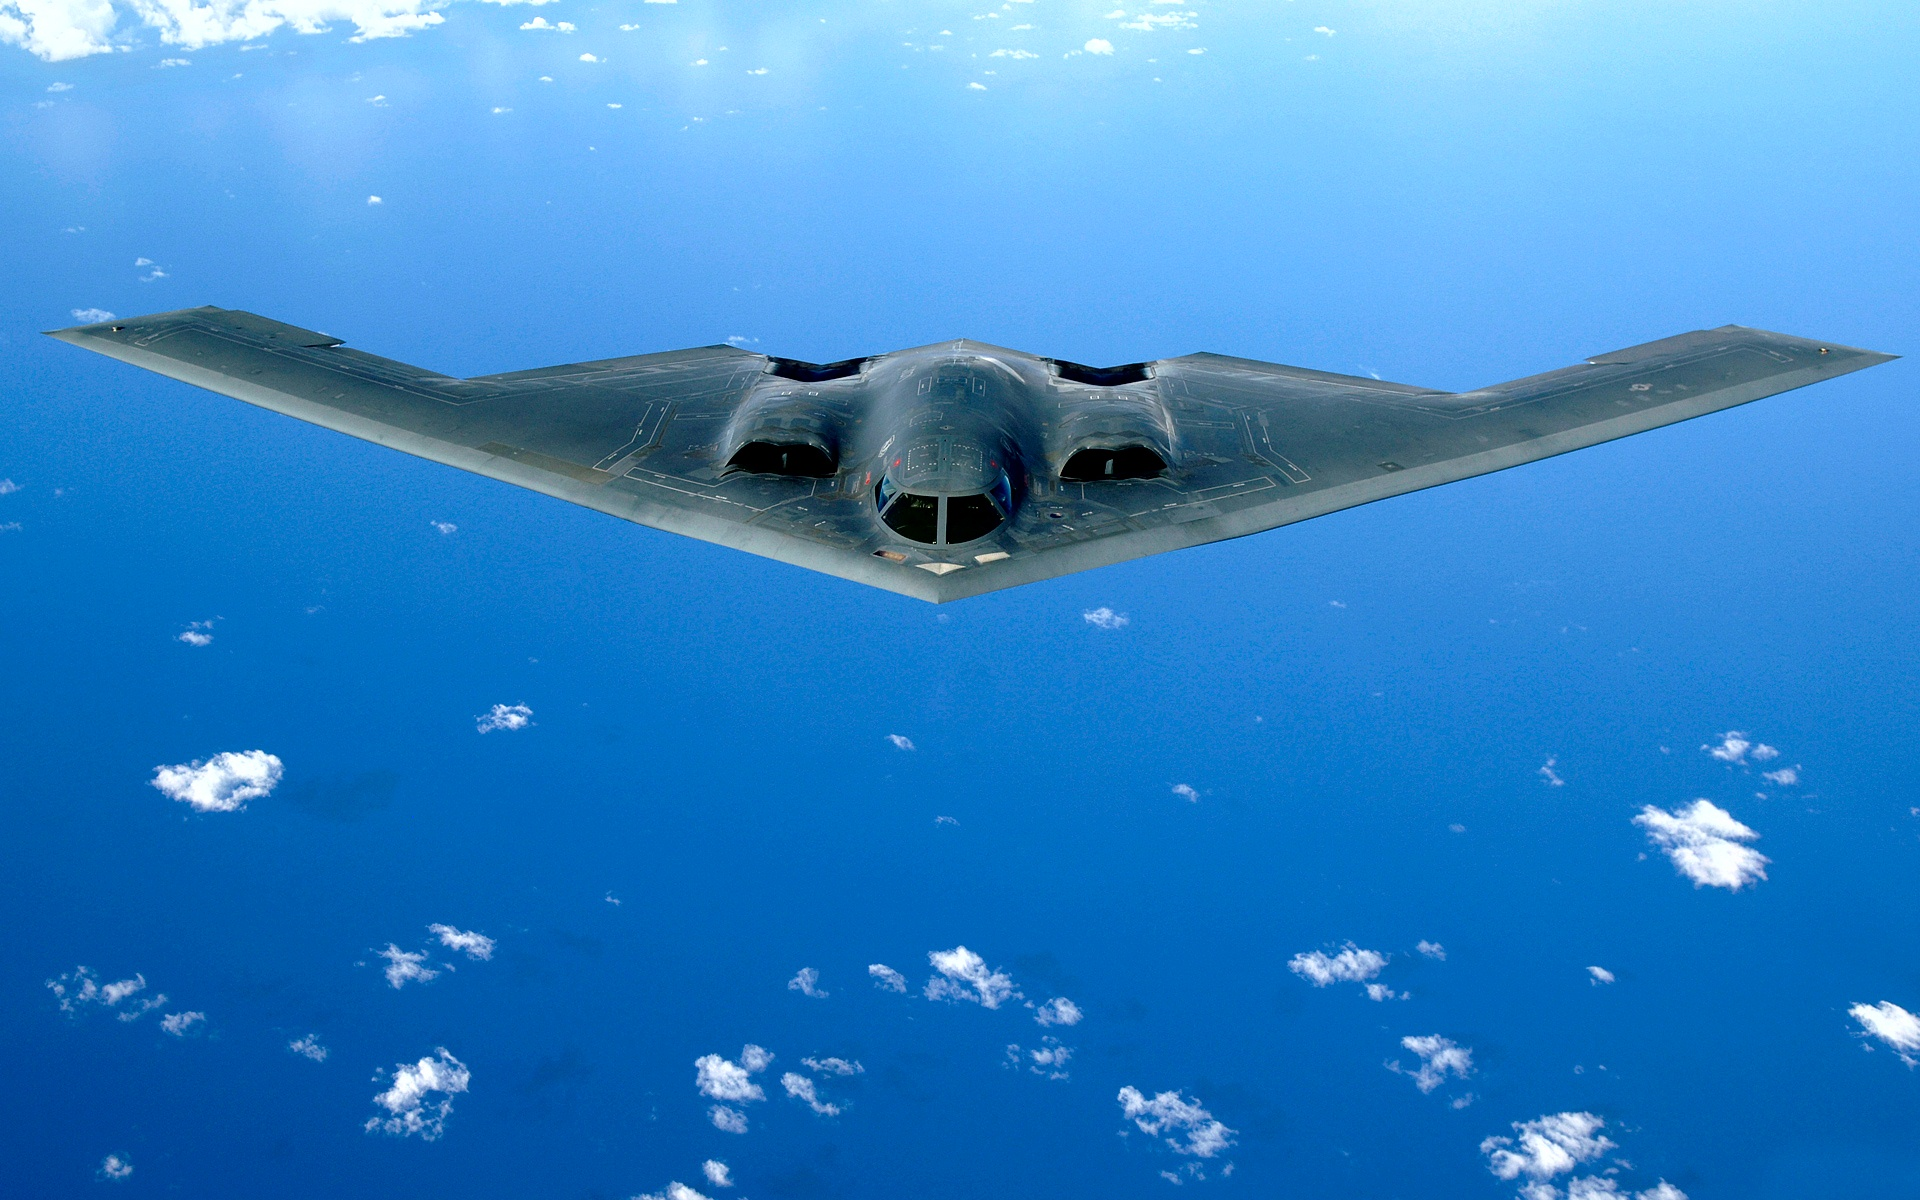 B 2 Spirit Stealth Bomber